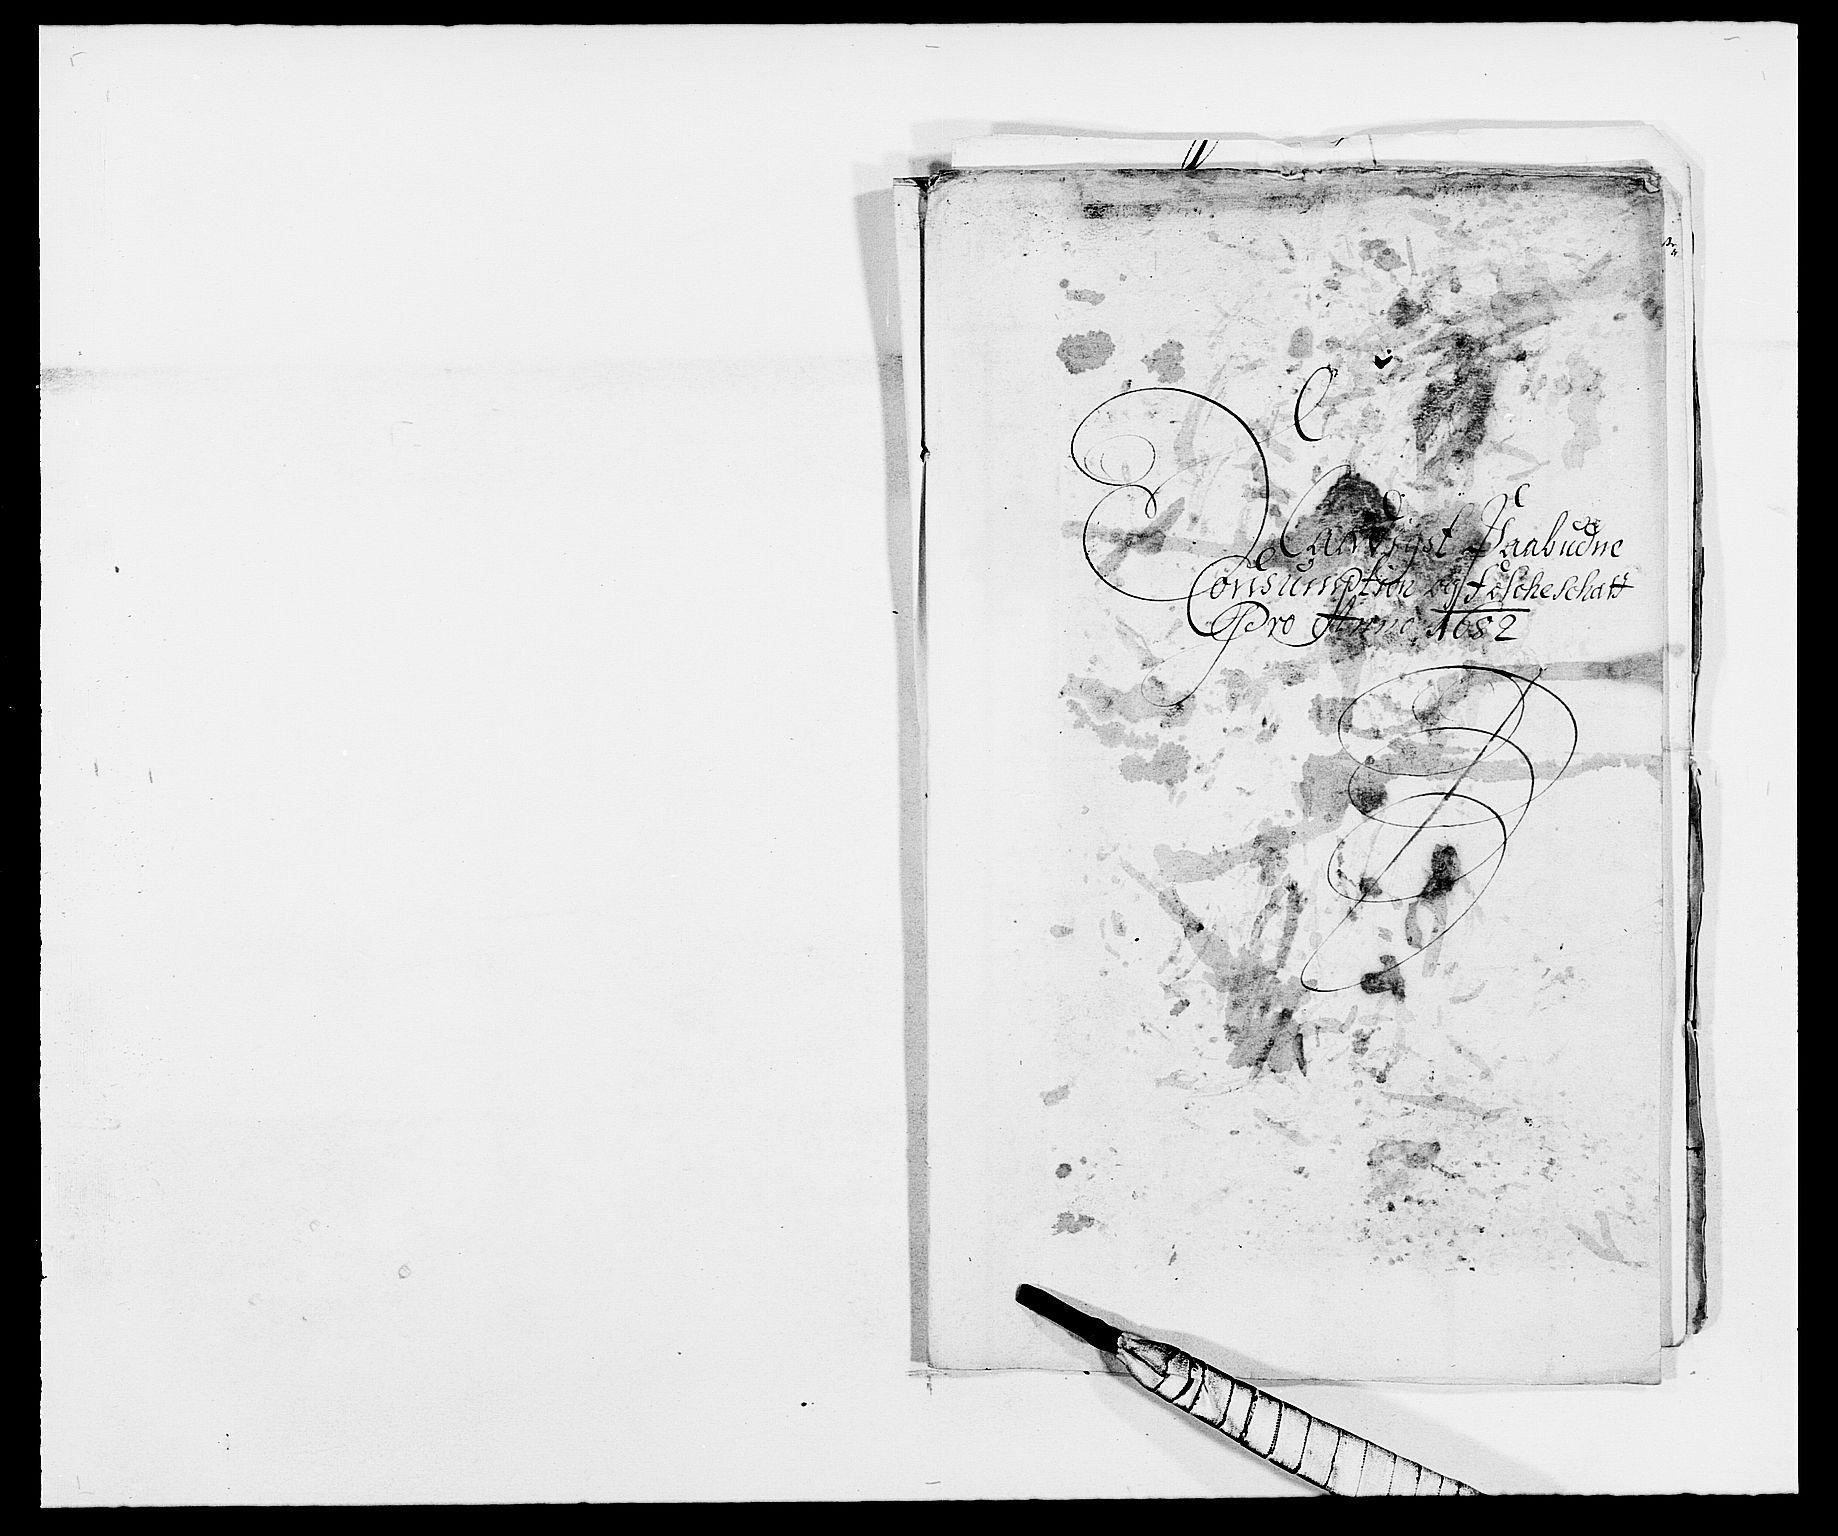 RA, Rentekammeret inntil 1814, Reviderte regnskaper, Fogderegnskap, R03/L0114: Fogderegnskap Onsøy, Tune, Veme og Åbygge fogderi, 1678-1683, s. 298